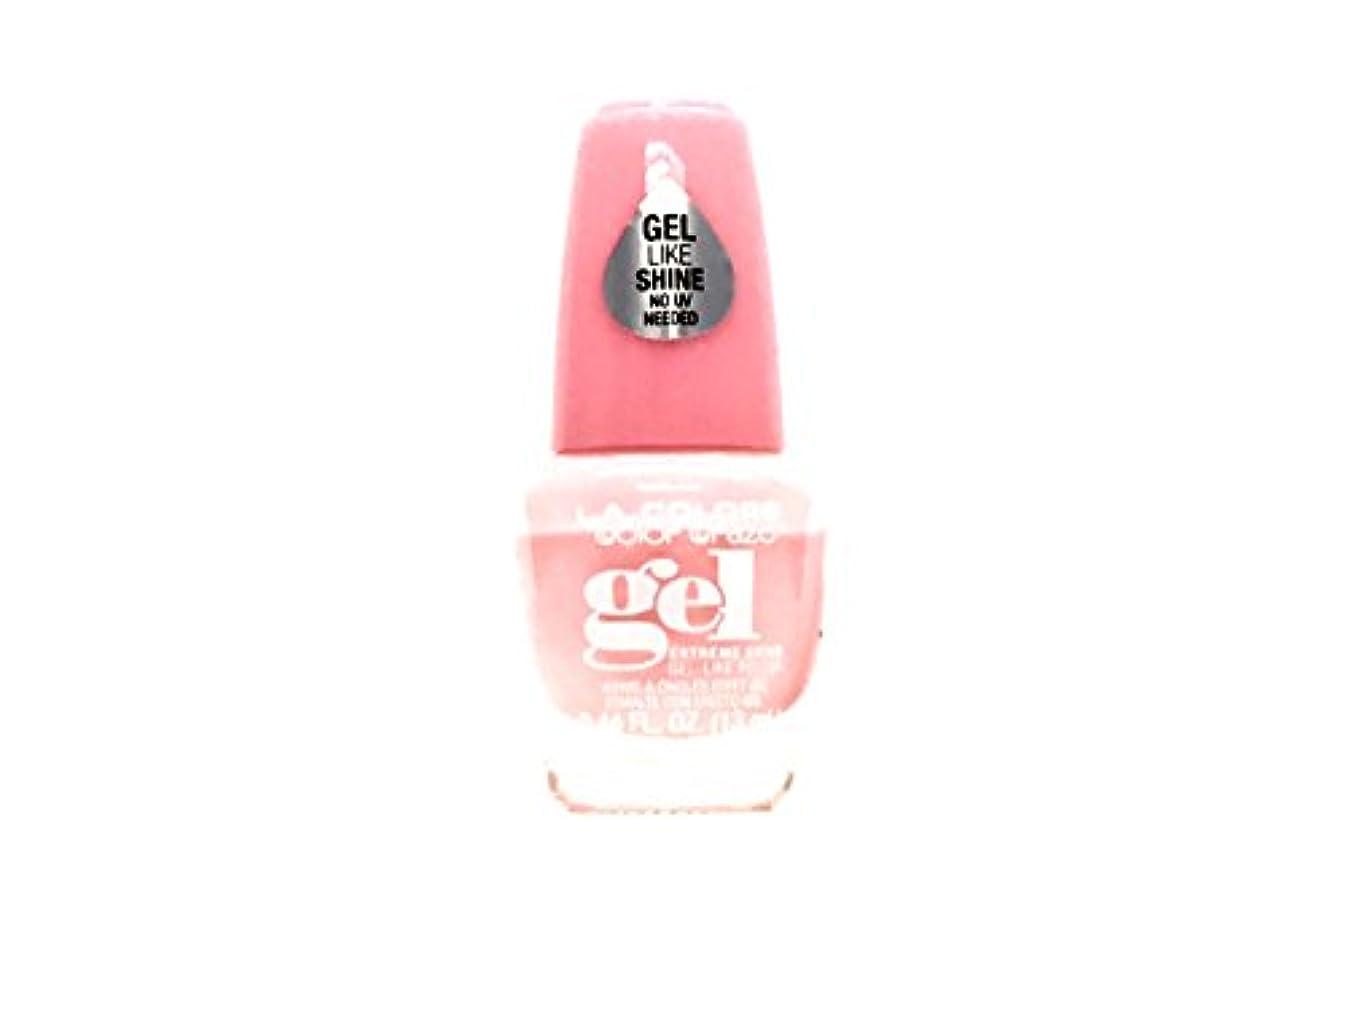 サージ有罪特性LA Colors 美容化粧品21 Cnp742美容化粧品21 0.44 fl。 oz。 (13ml) スウィートハート(cnp742)